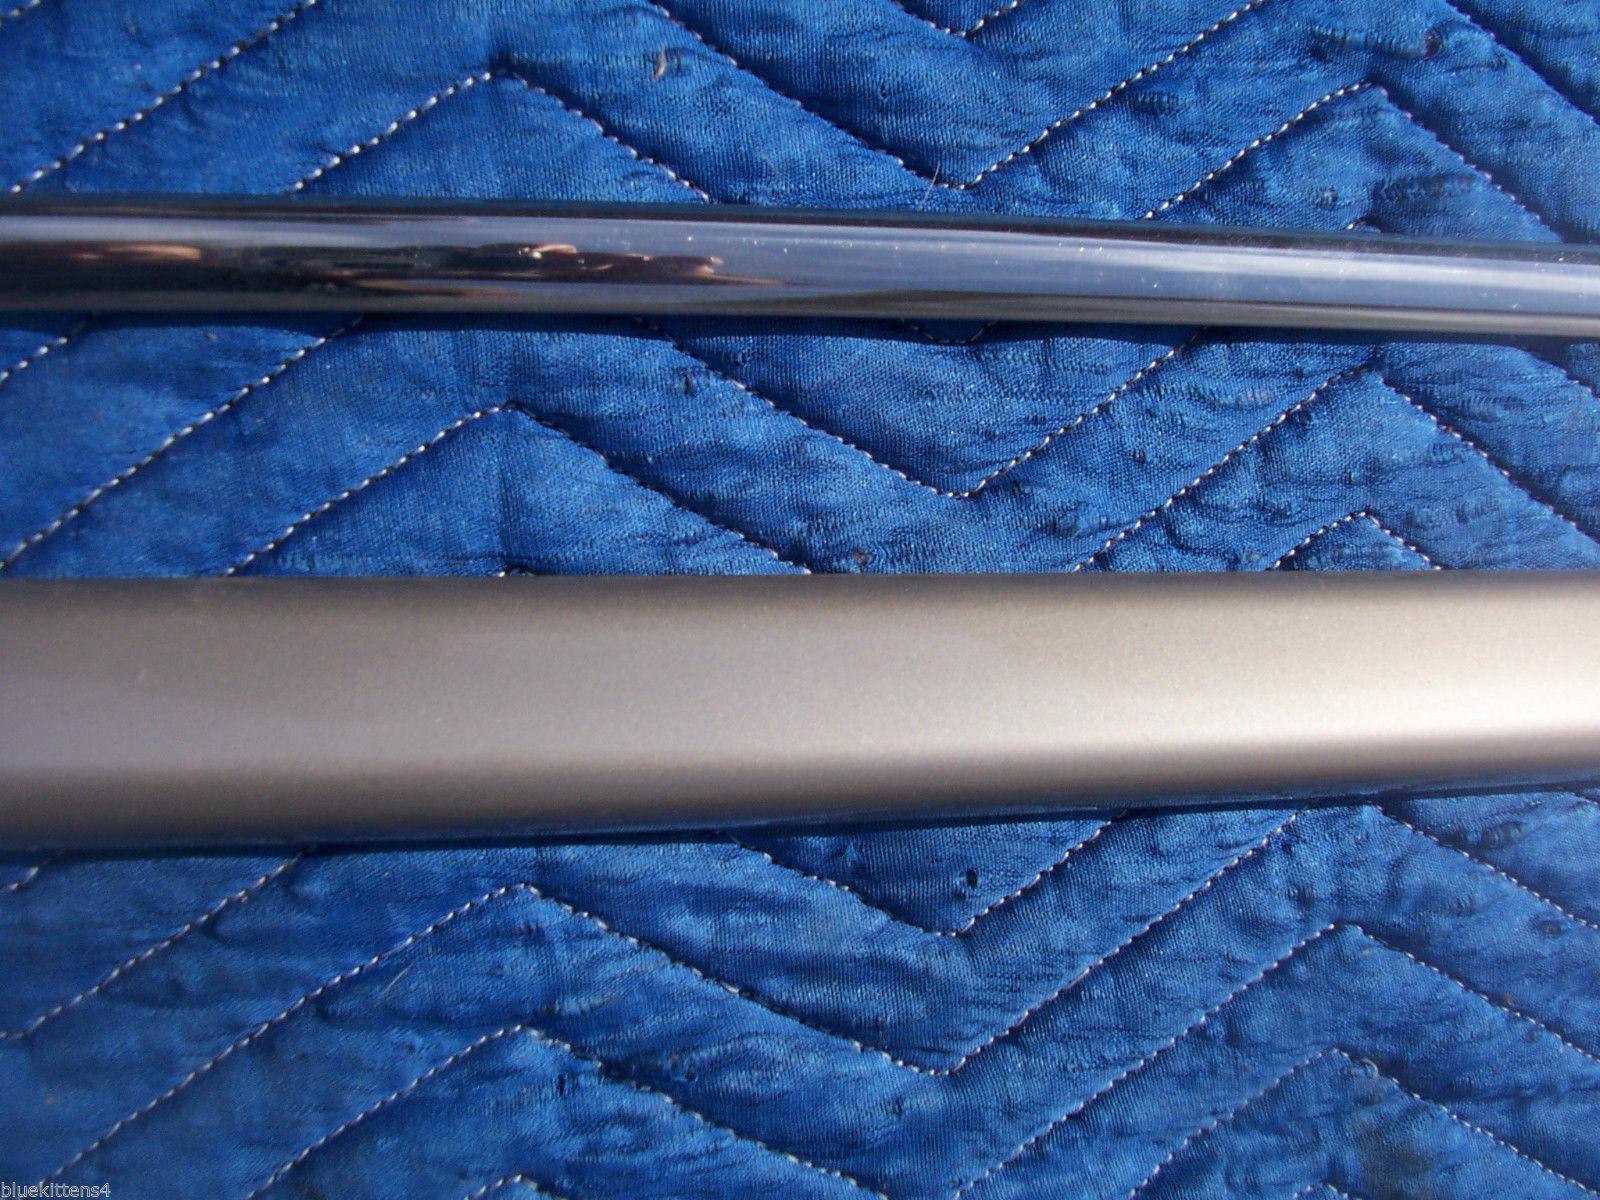 1997 JAGUAR XJ6 VANDEN LEFT REAR DOOR TRIM MOLDING ORIGINAL JAG  XJ PART 1995 image 3